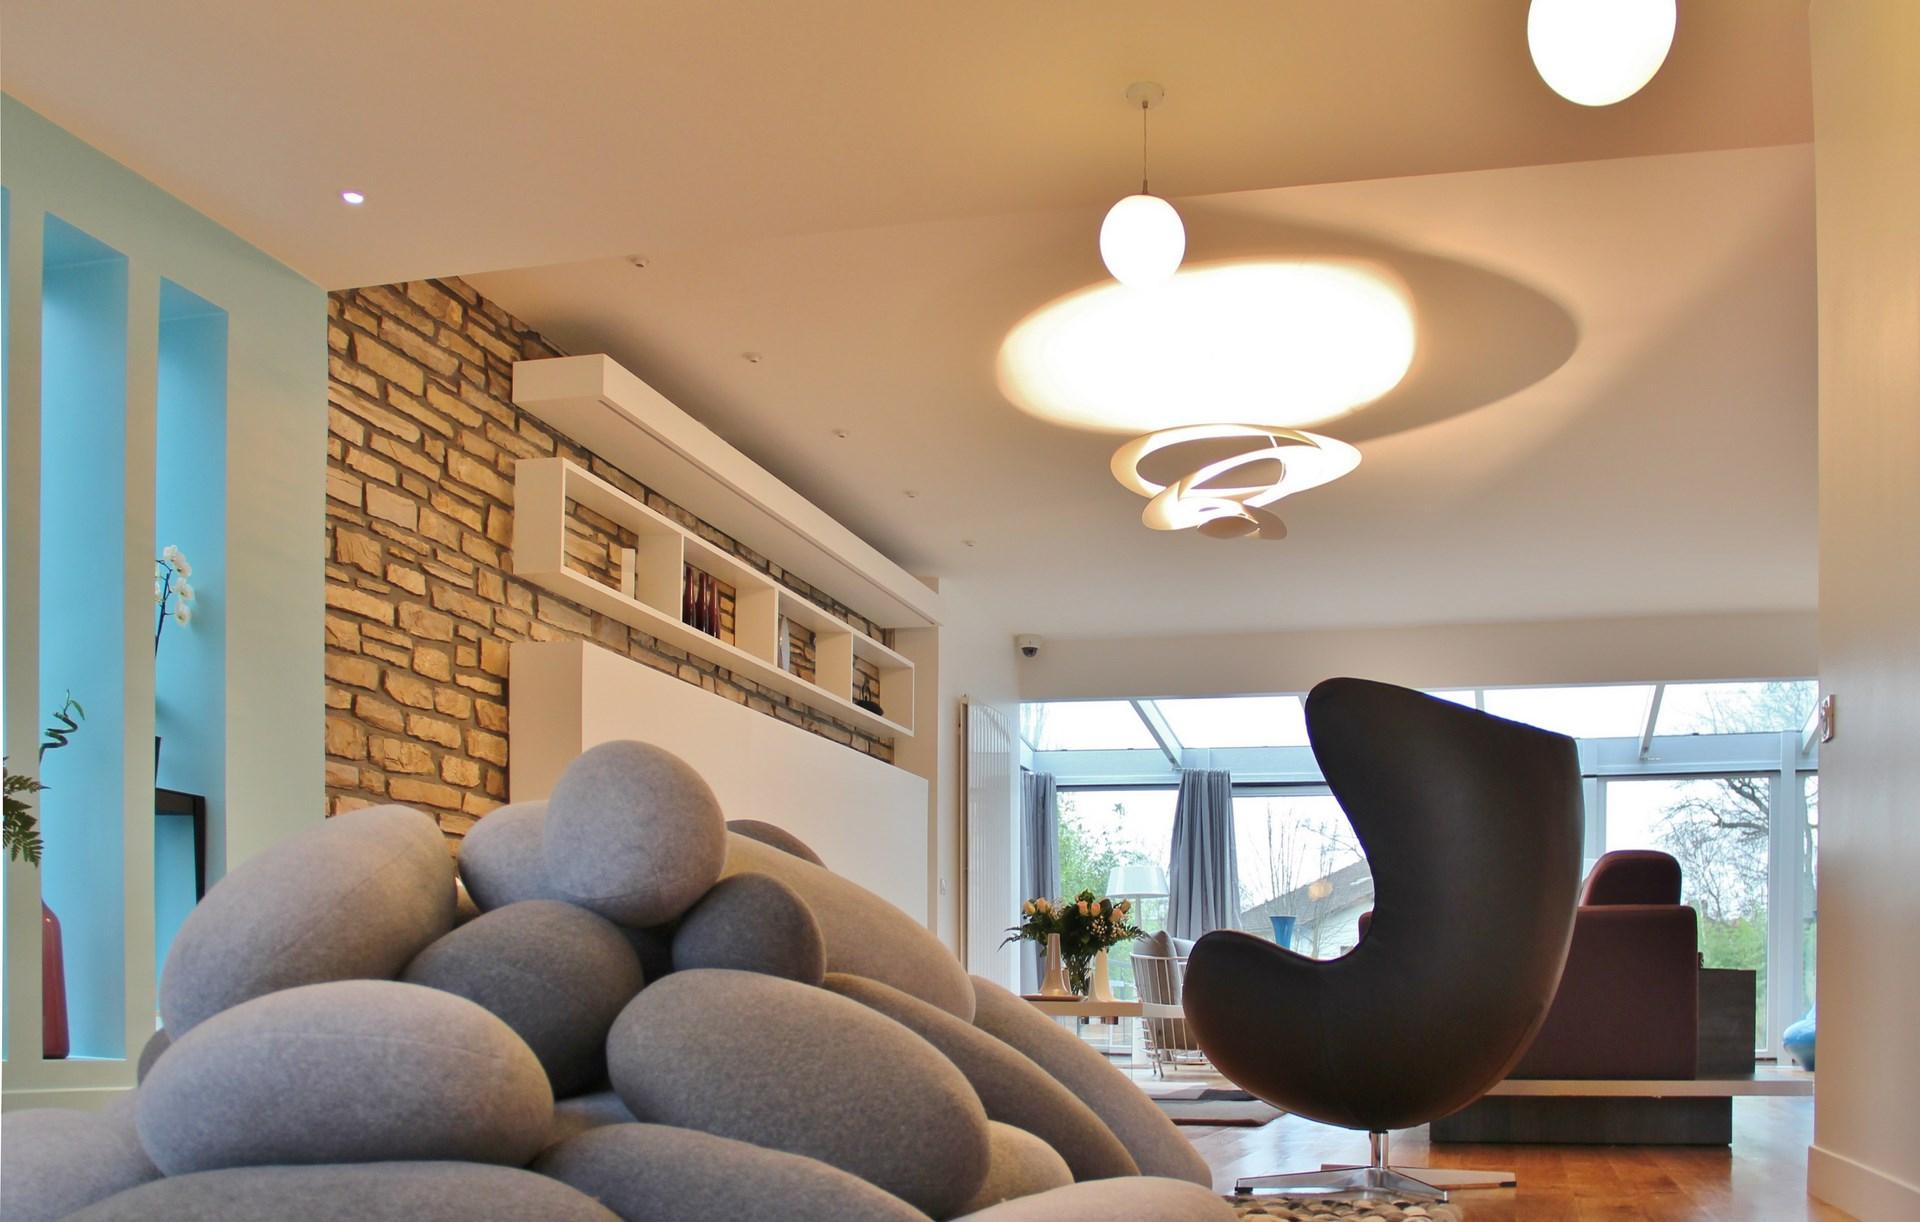 maison renovation luxe coussins galet suspension artemide pirce agence avous